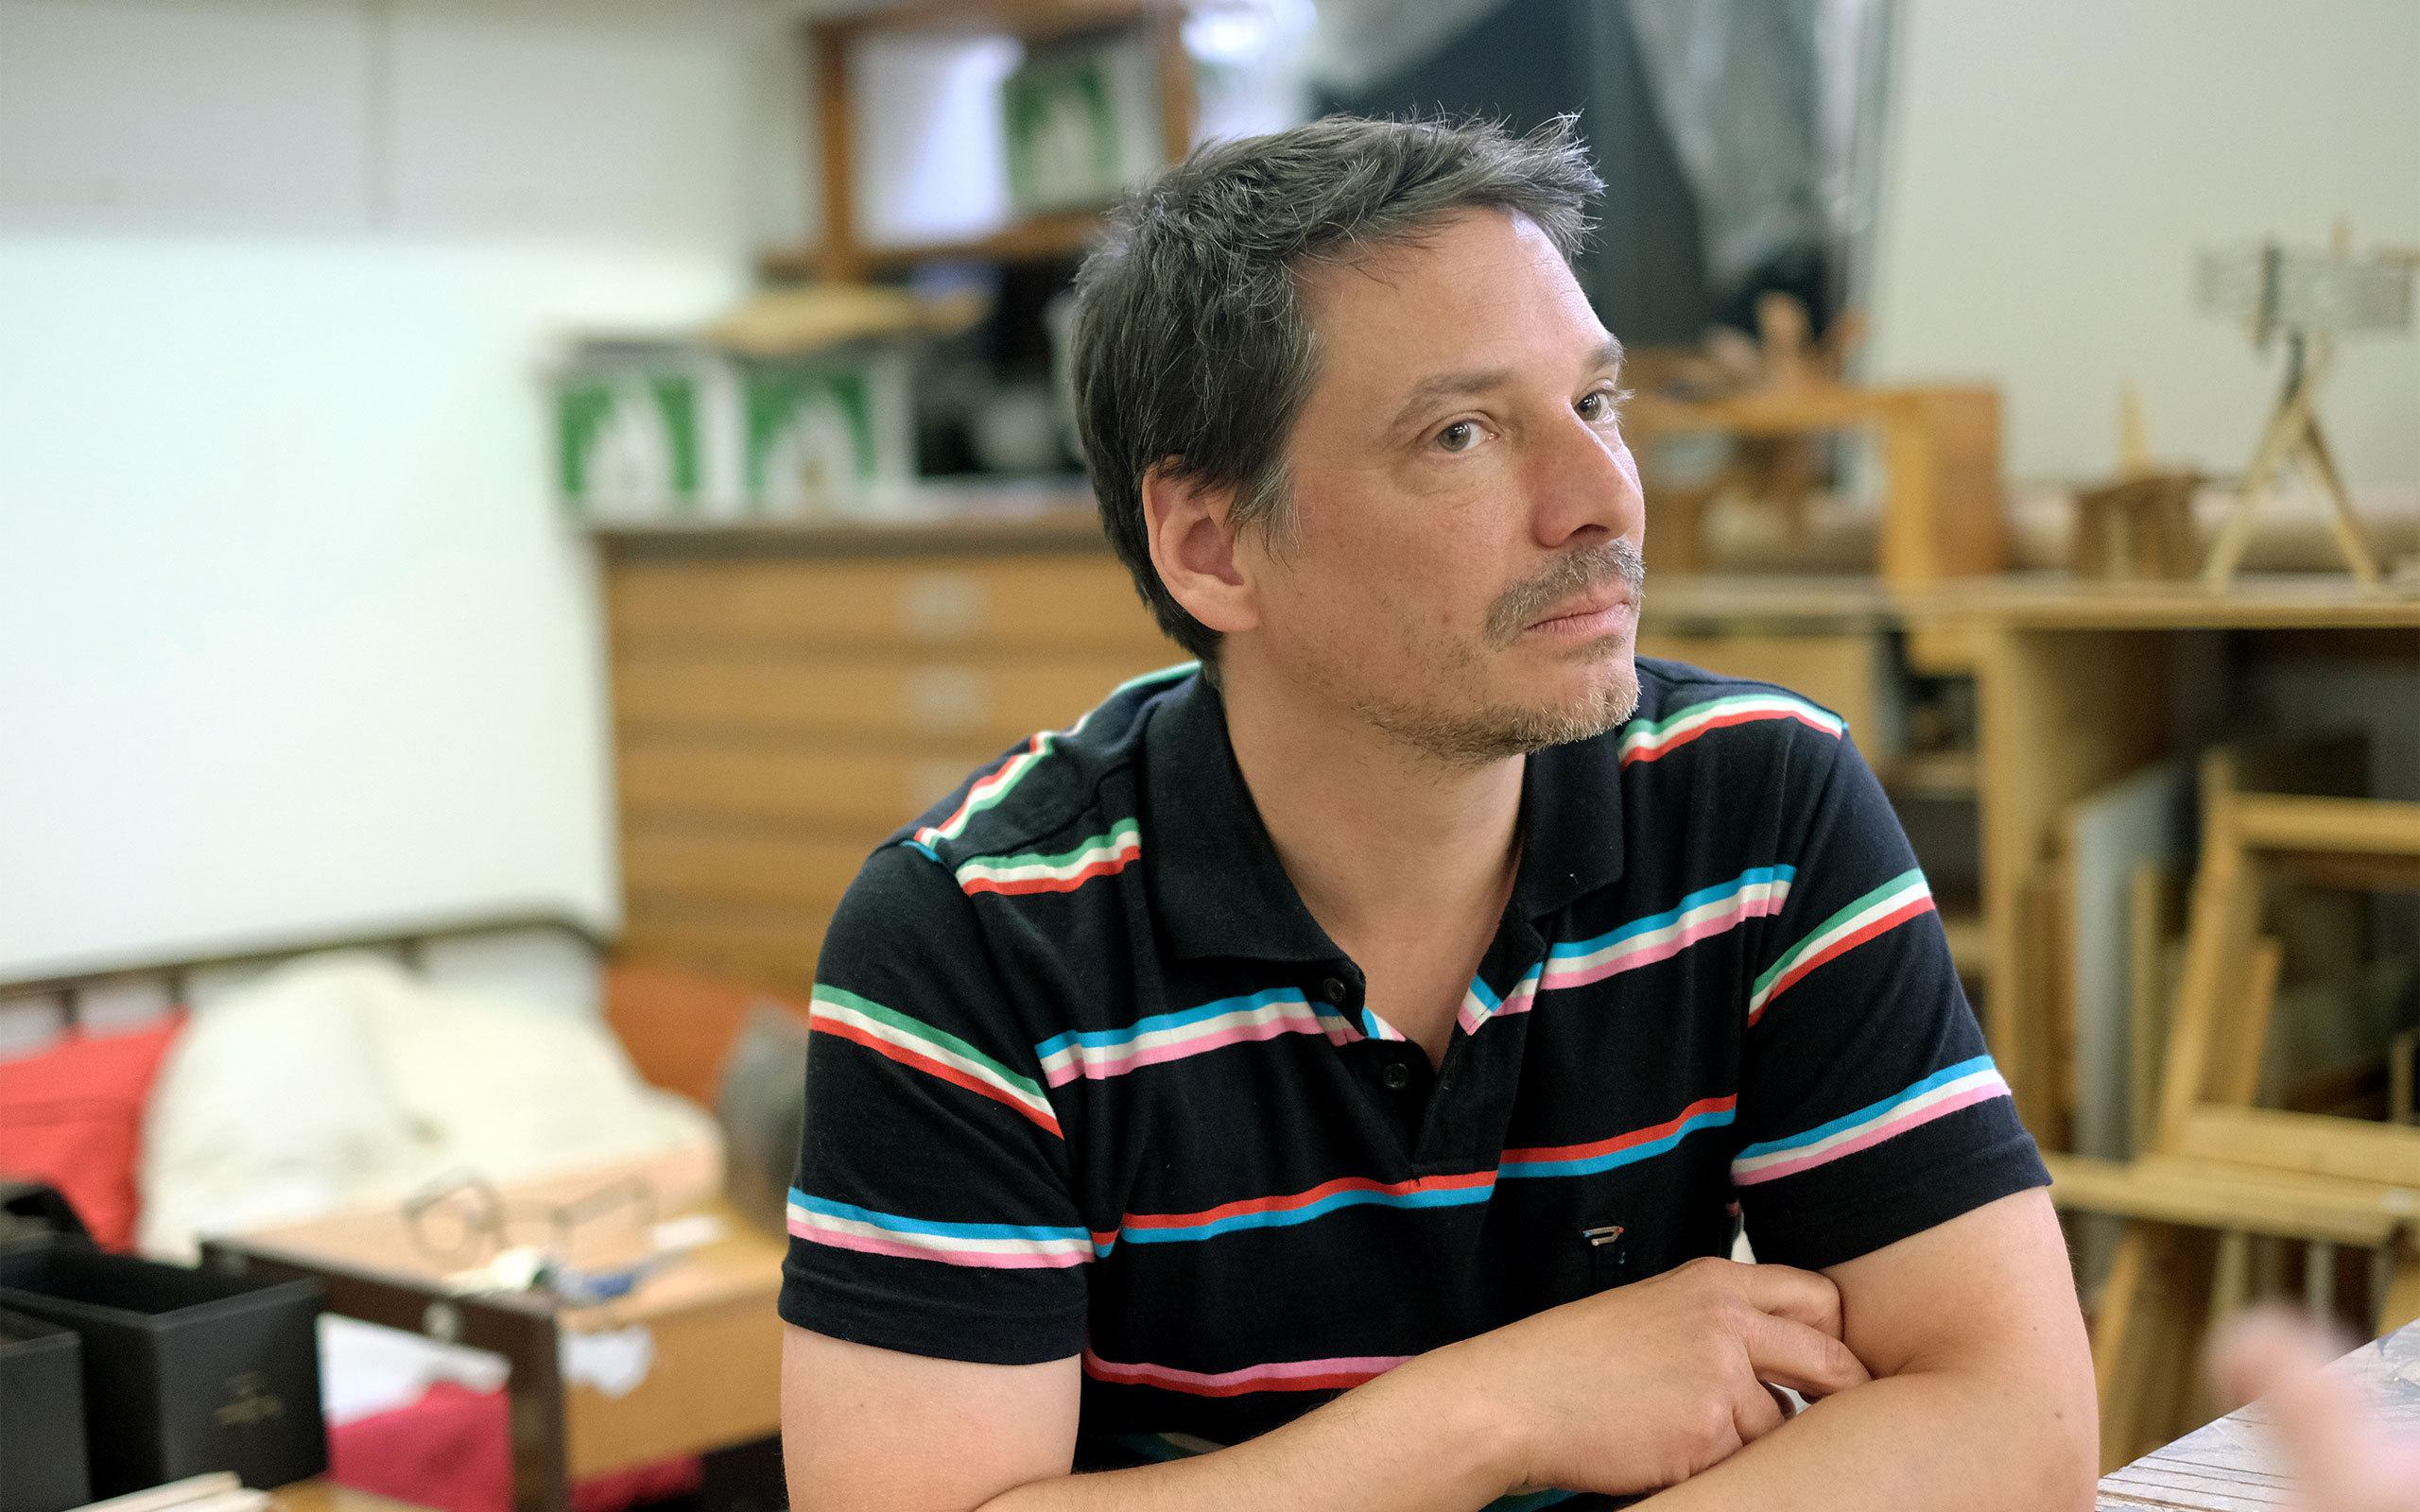 17 Fabian Seiz @ Maximilian Pramatarov